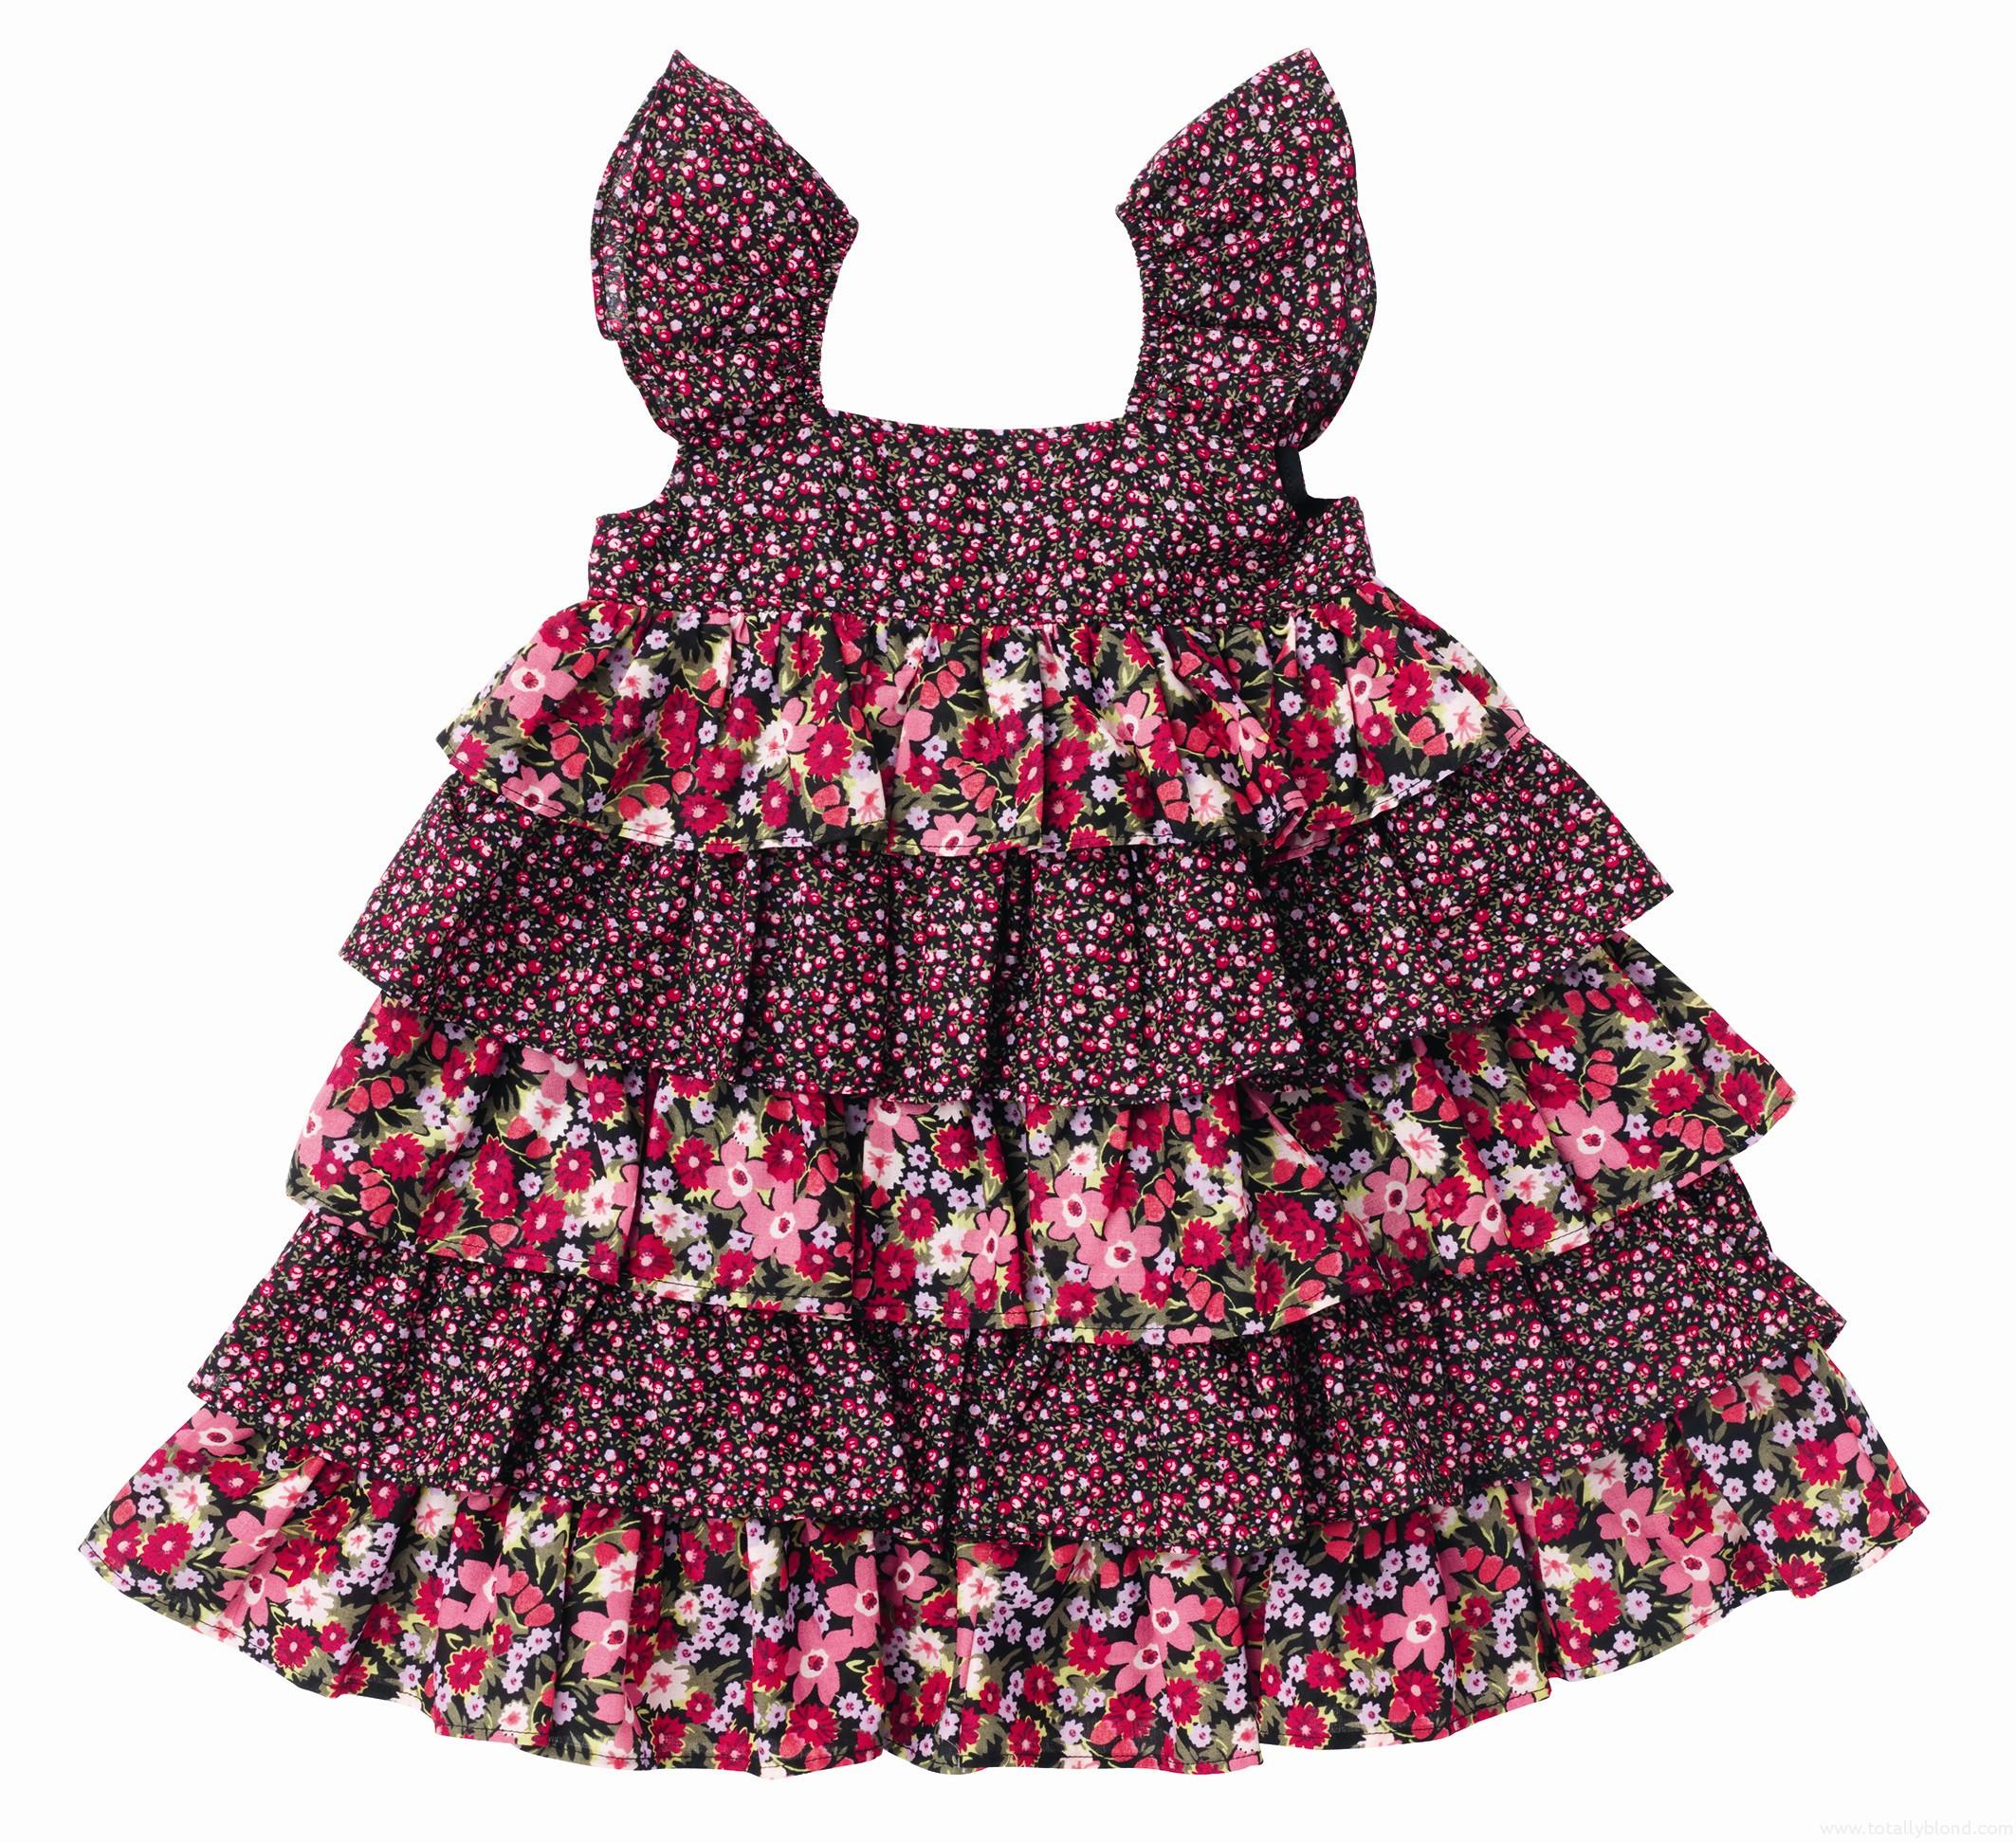 Floral_gypsy_dress